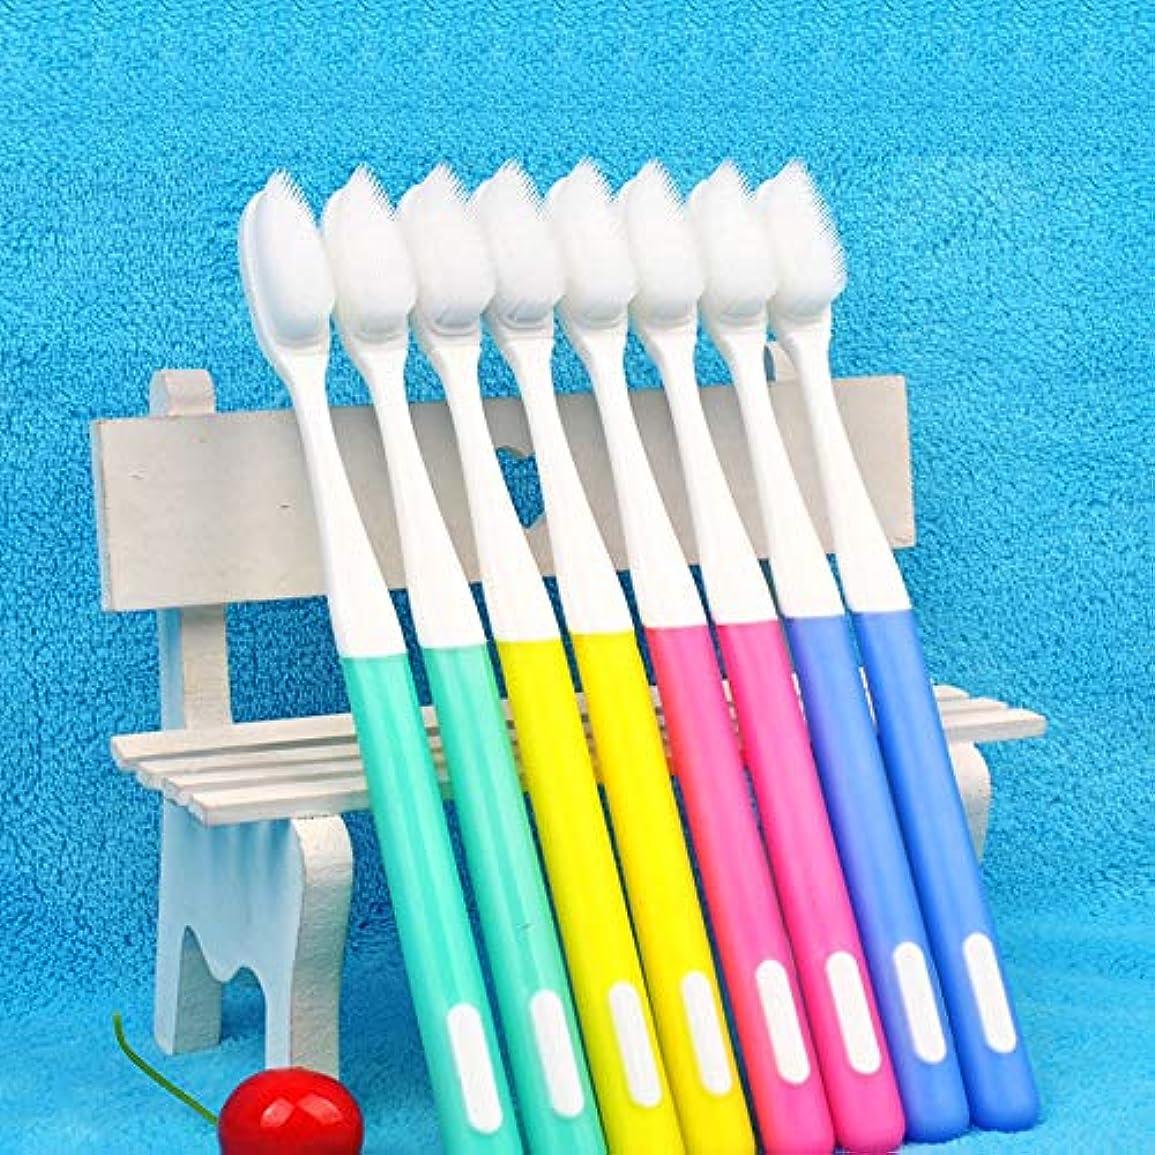 オーク騒ぎ以下歯ブラシ 歯ブラシを使用するには、全体の家族のために10パックナノ歯ブラシ、環境に優しいシリコーン歯ブラシ、 HL (色 : A, サイズ : 10 packs)